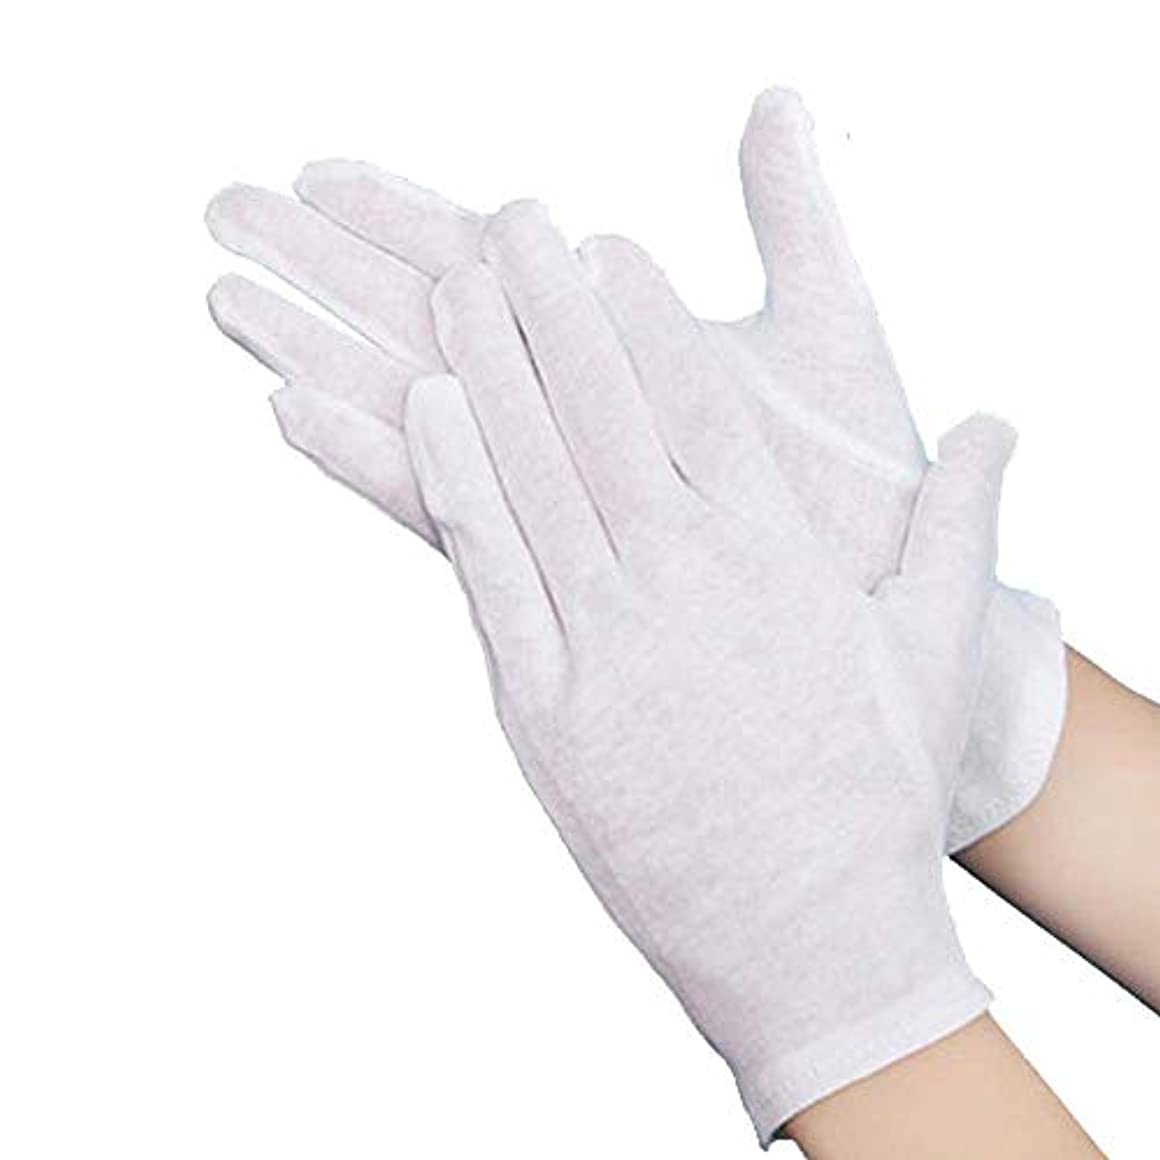 息切れ受け入れたジャーナリスト10双組 M トン手袋 綿手袋 通気性